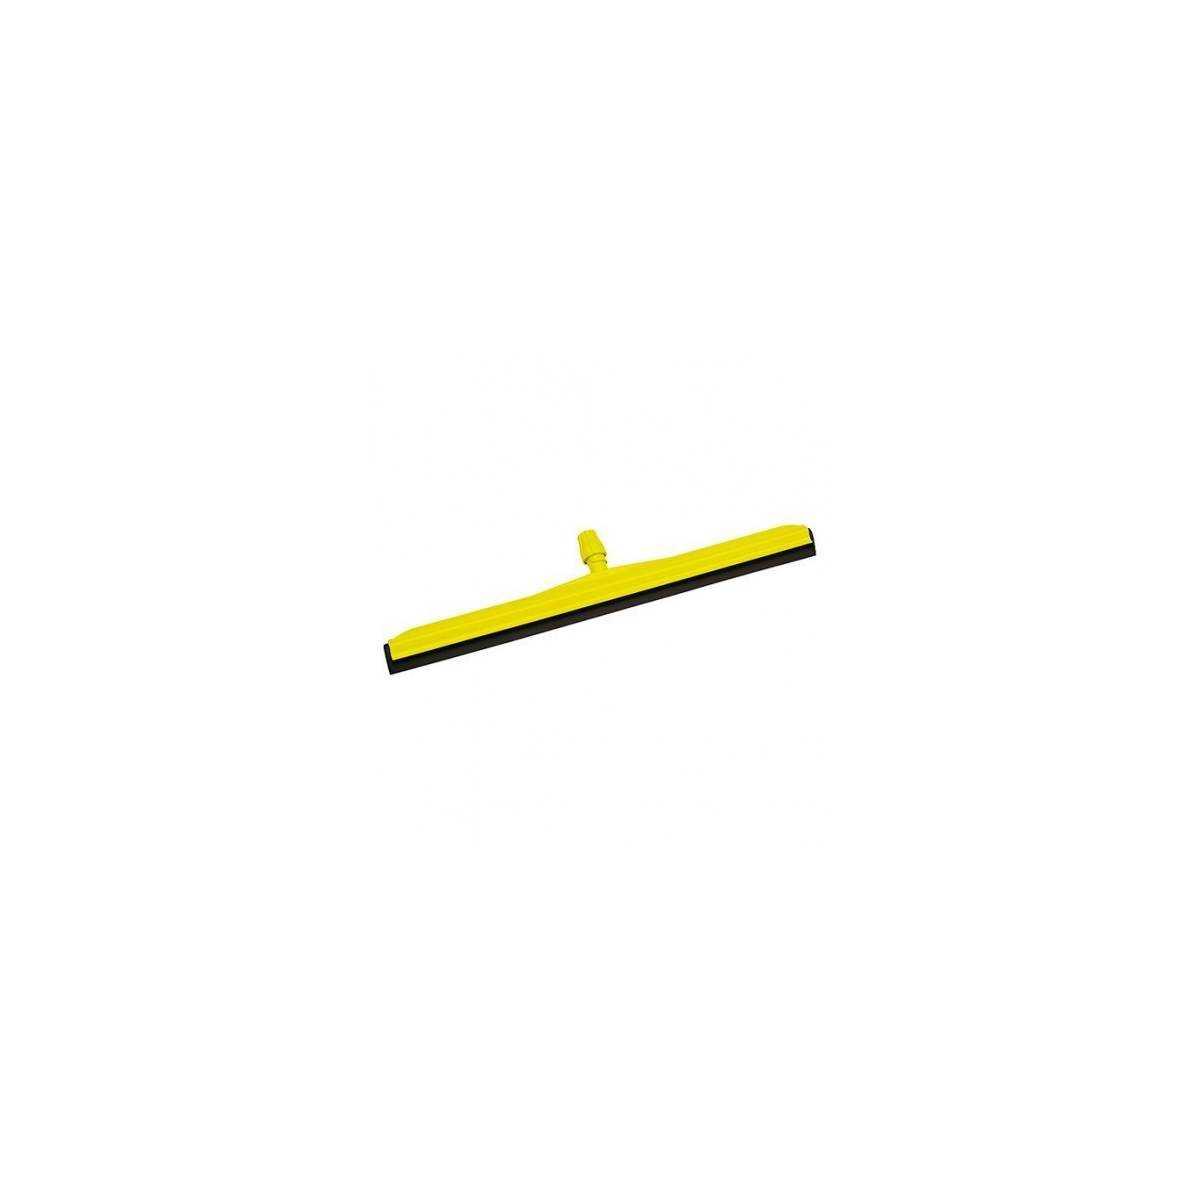 Скребок для сгона воды с пола полипропиленовый 55см (Желтого цвета) 8677 TTS